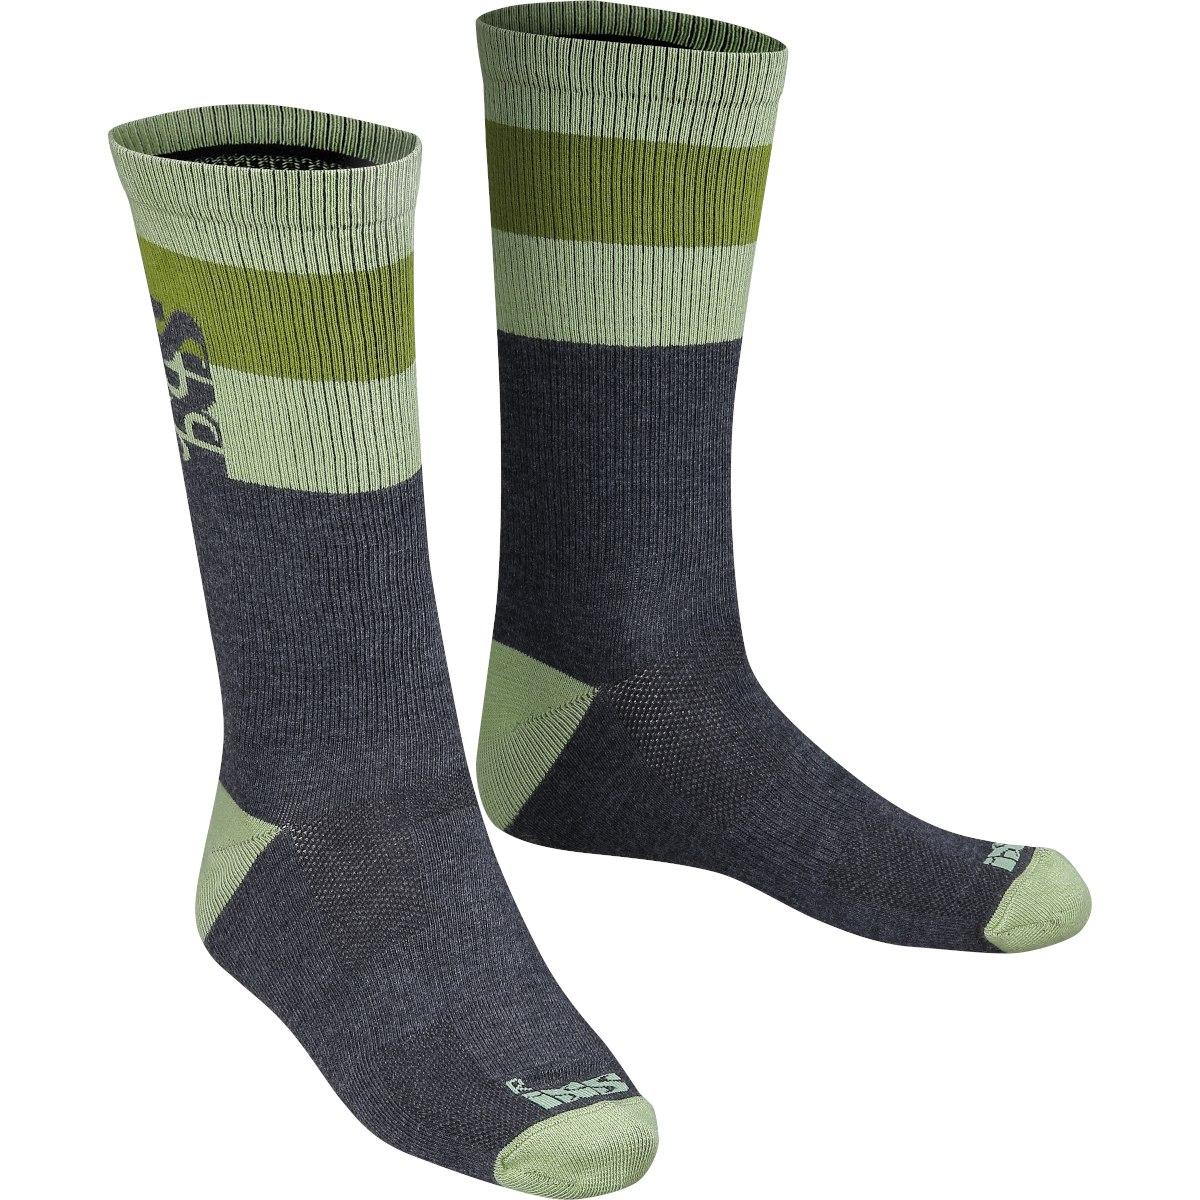 iXS Triplet Socken (3 Paare) - multicolor